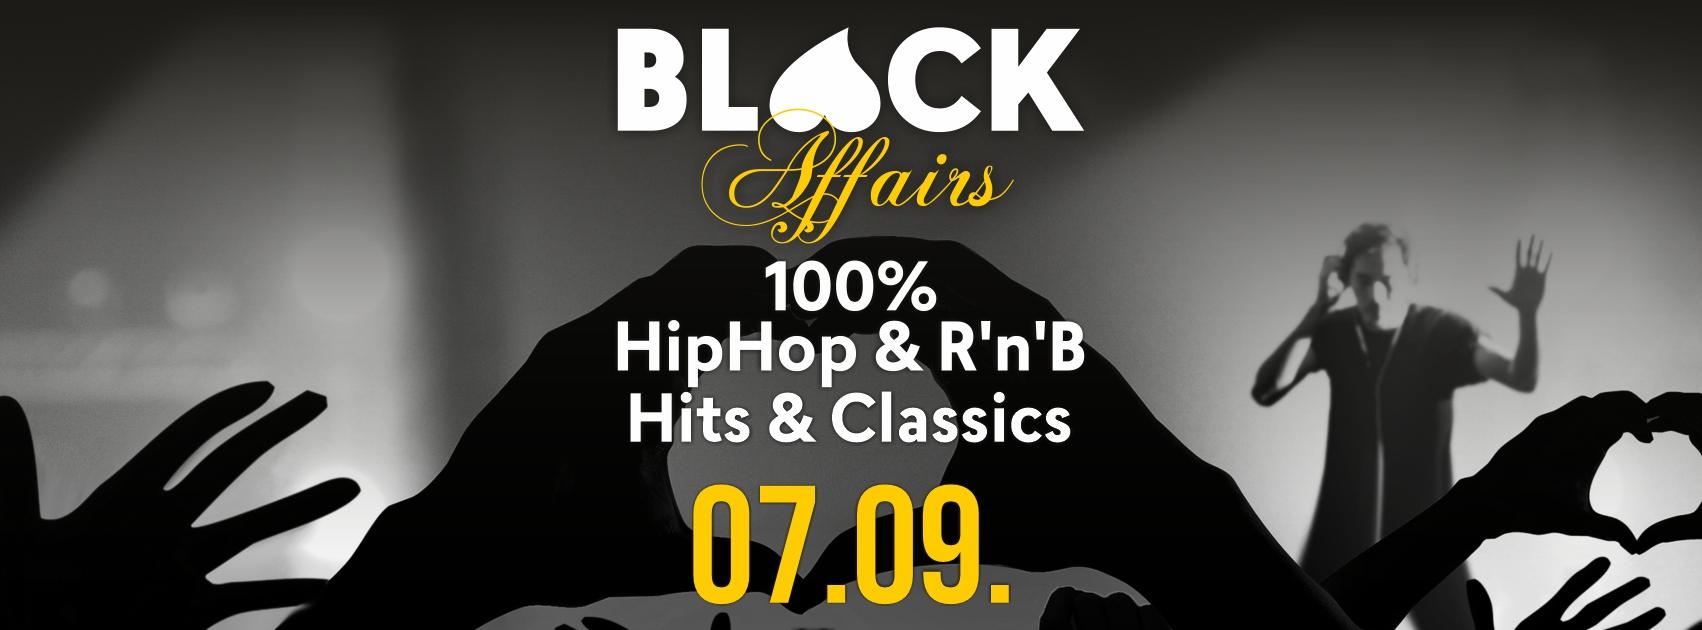 Black Affairs 07.09.